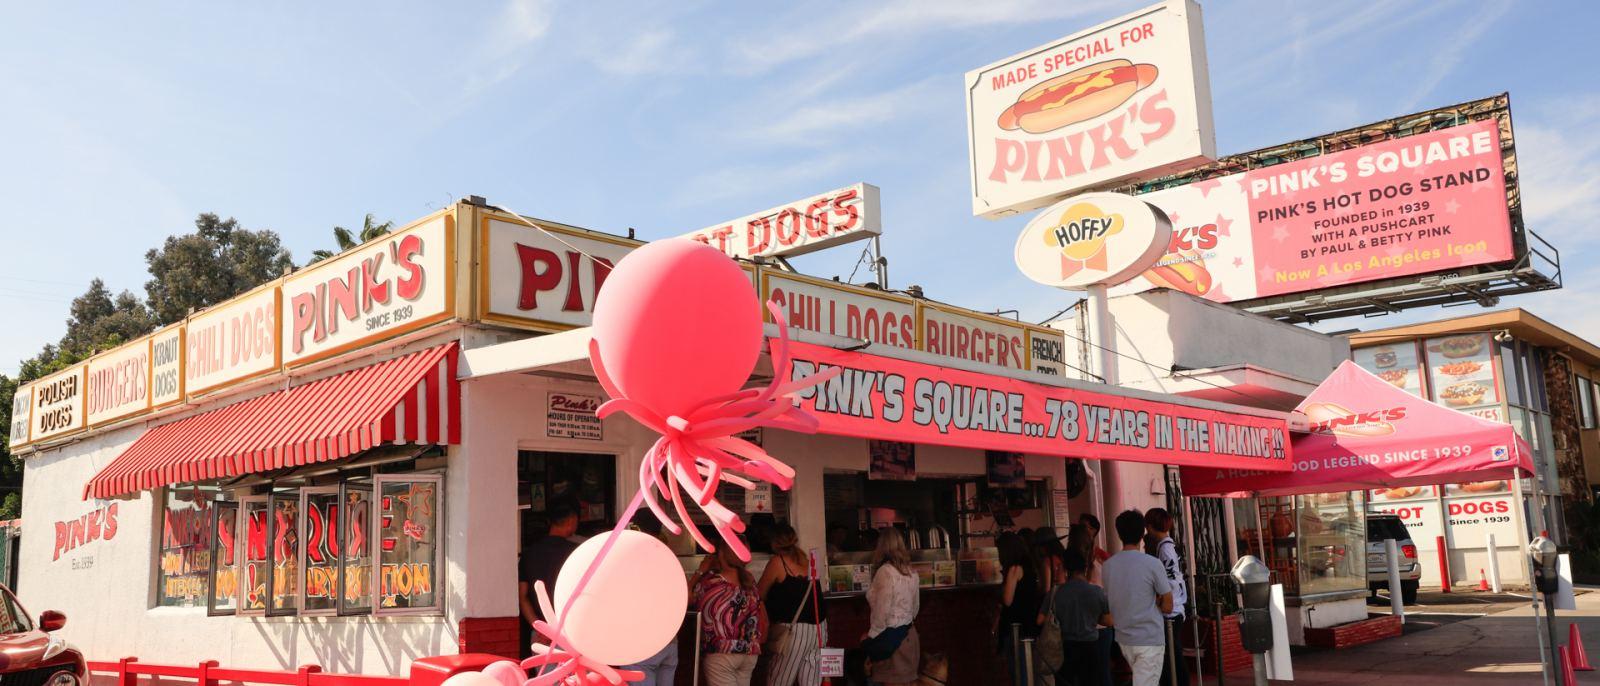 Pink's Hotdog